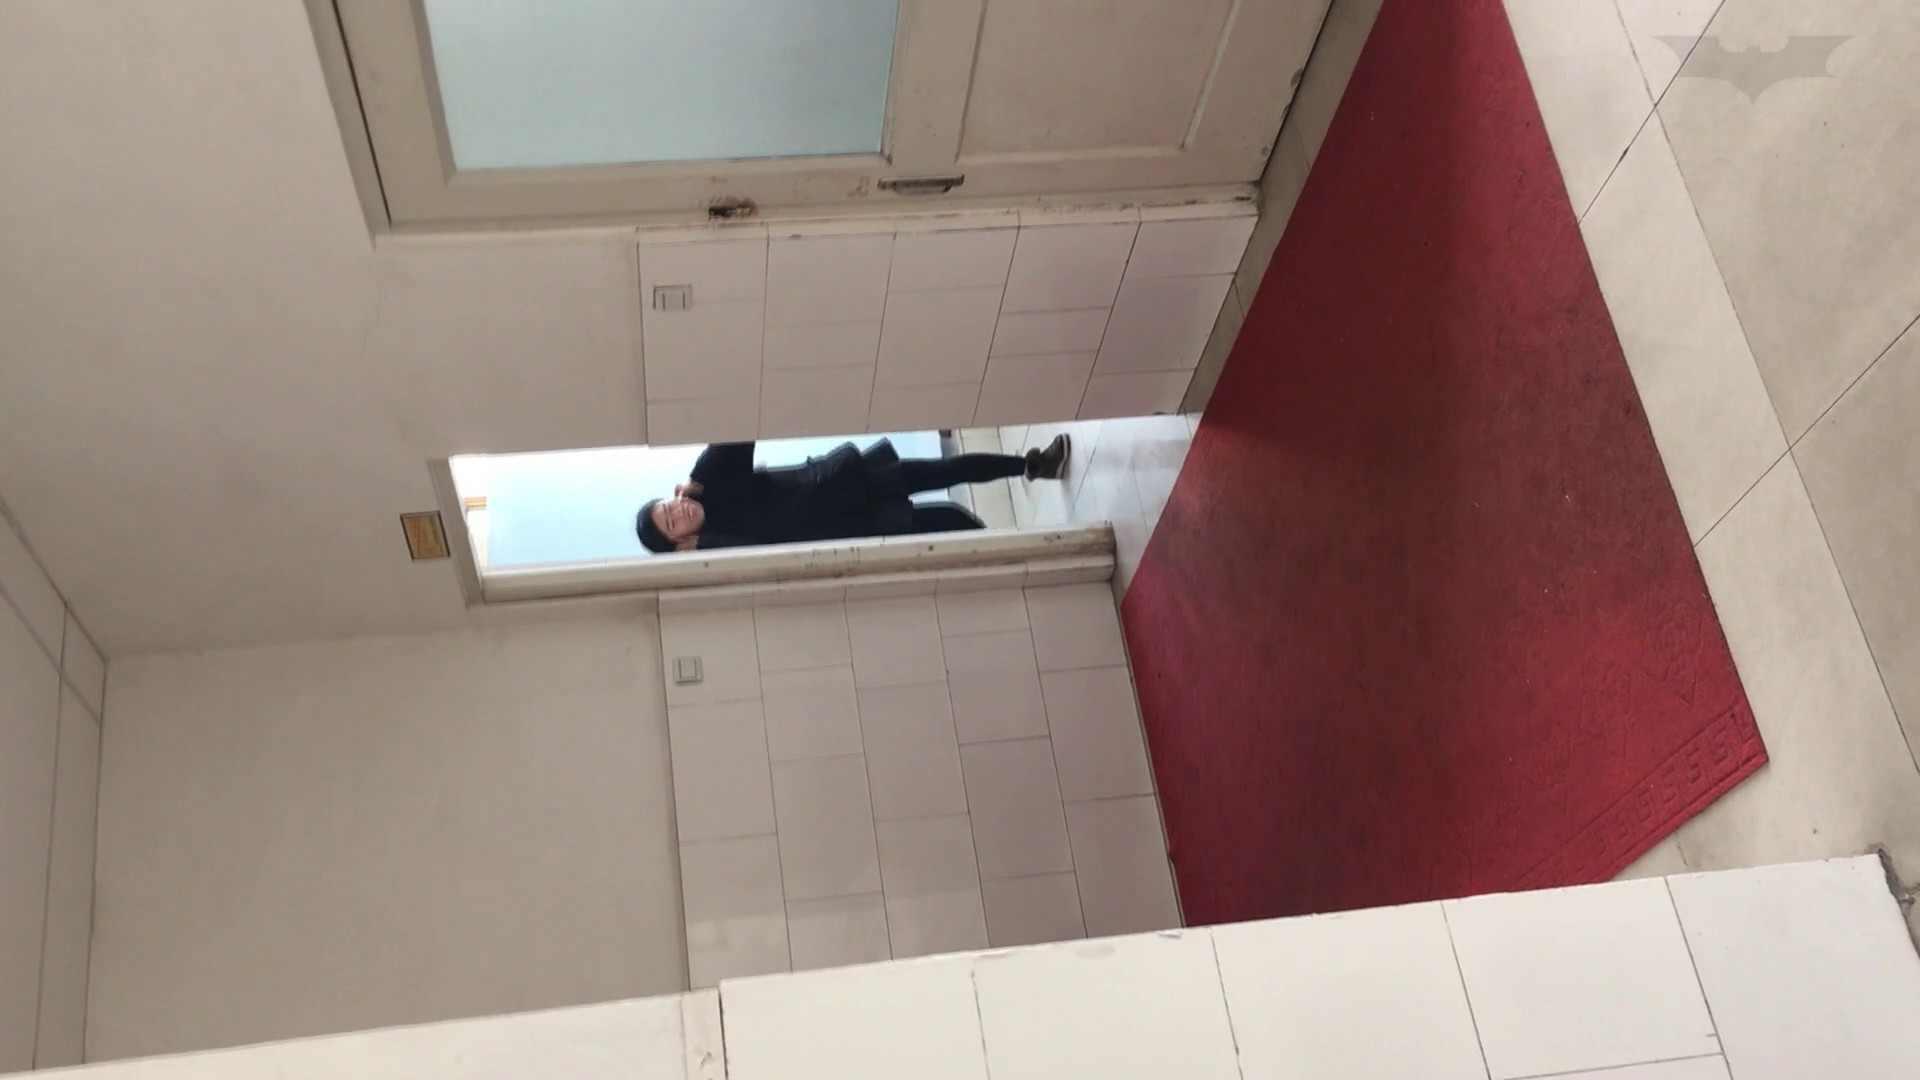 芸術大学ガチ潜入盗撮 JD盗撮 美女の洗面所の秘密 Vol.91 盗撮 | 高画質  97画像 87